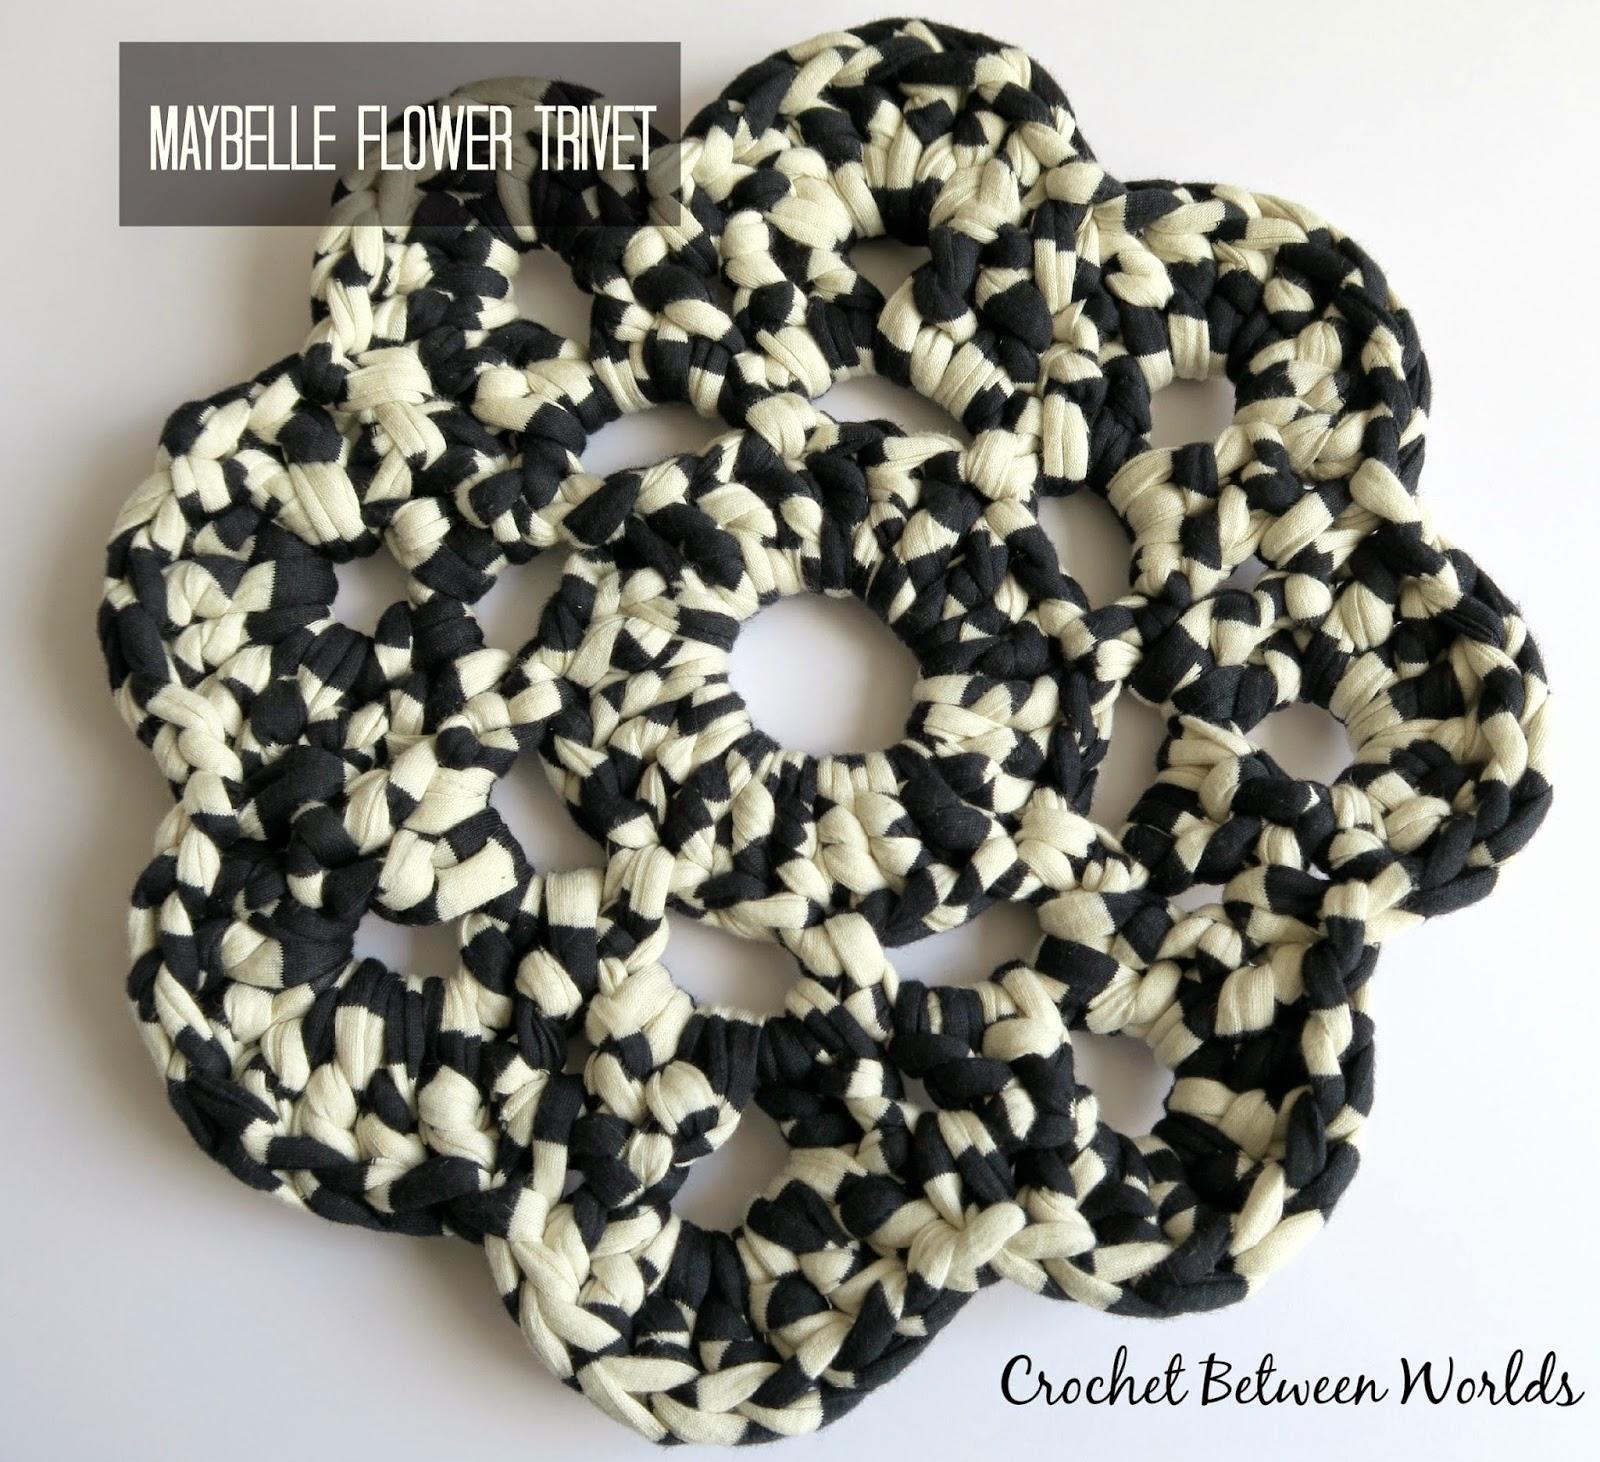 Maybelle crochet flower free pattern manet for crochet between worlds zpagetti yarn plays maybelle crochet flower free pattern bankloansurffo Images